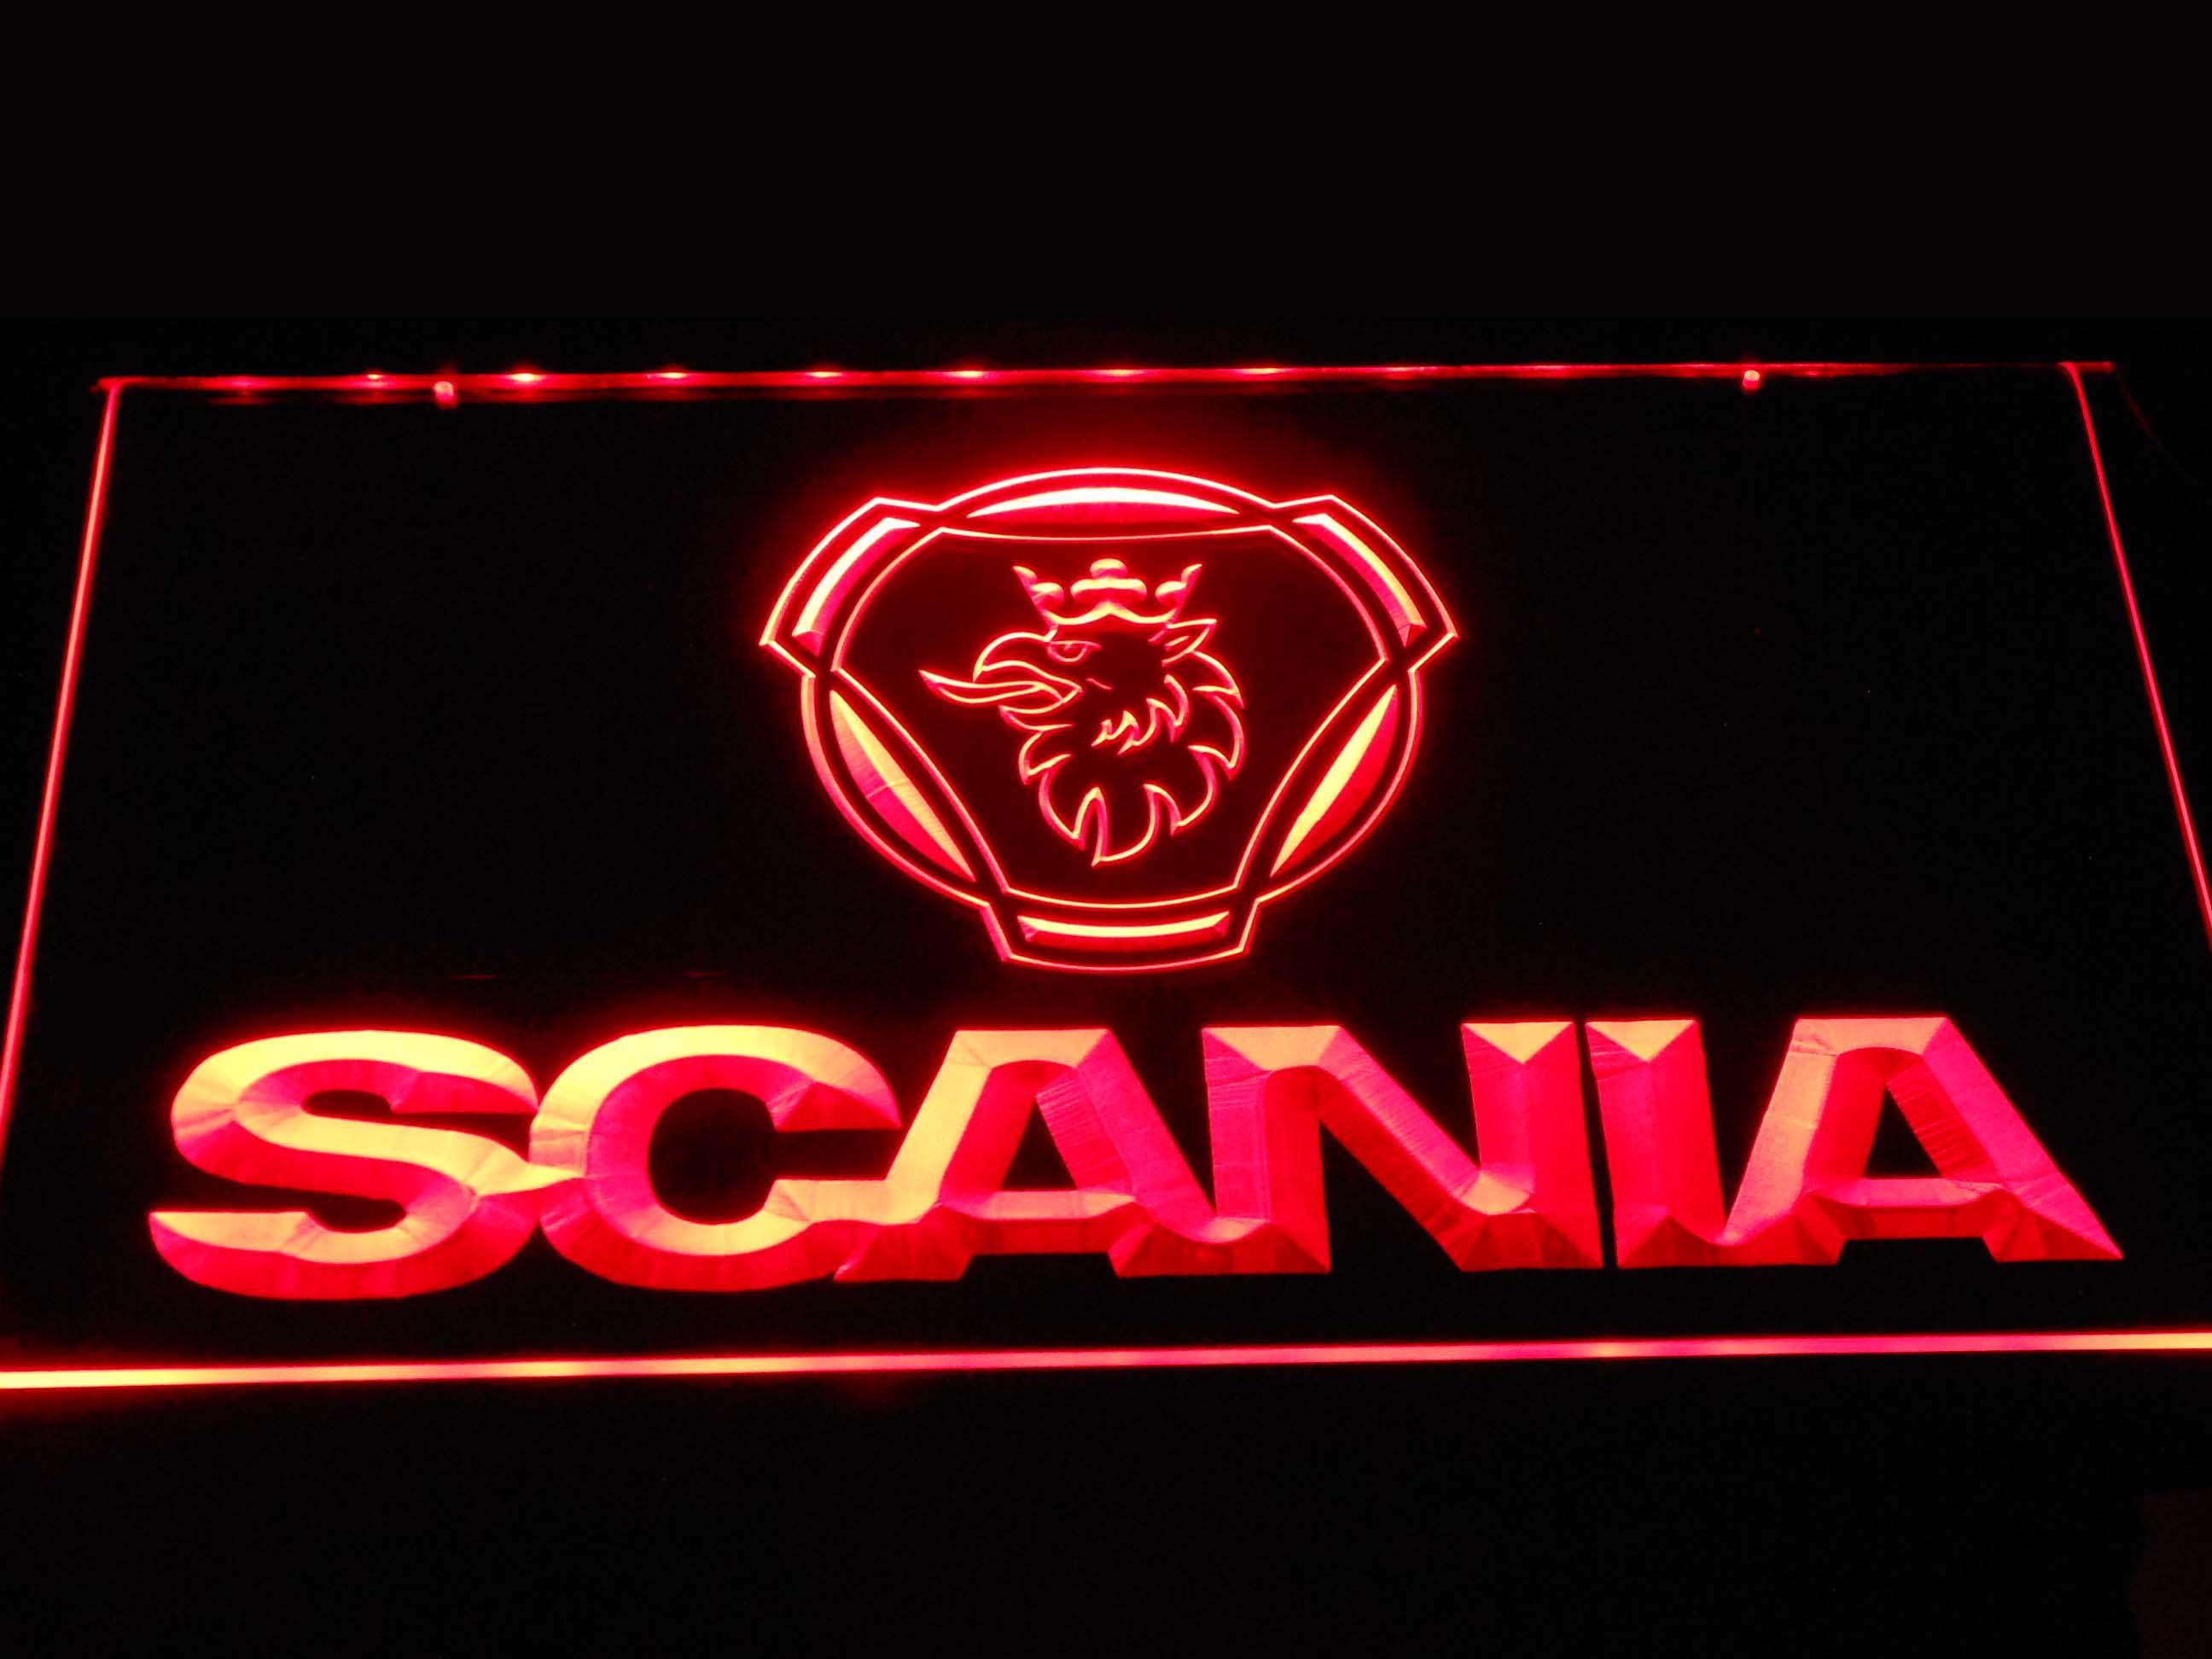 D393 Scania Voiture Camion led enseignes néons avec On/Off Commutateur 7 Couleurs à choisir